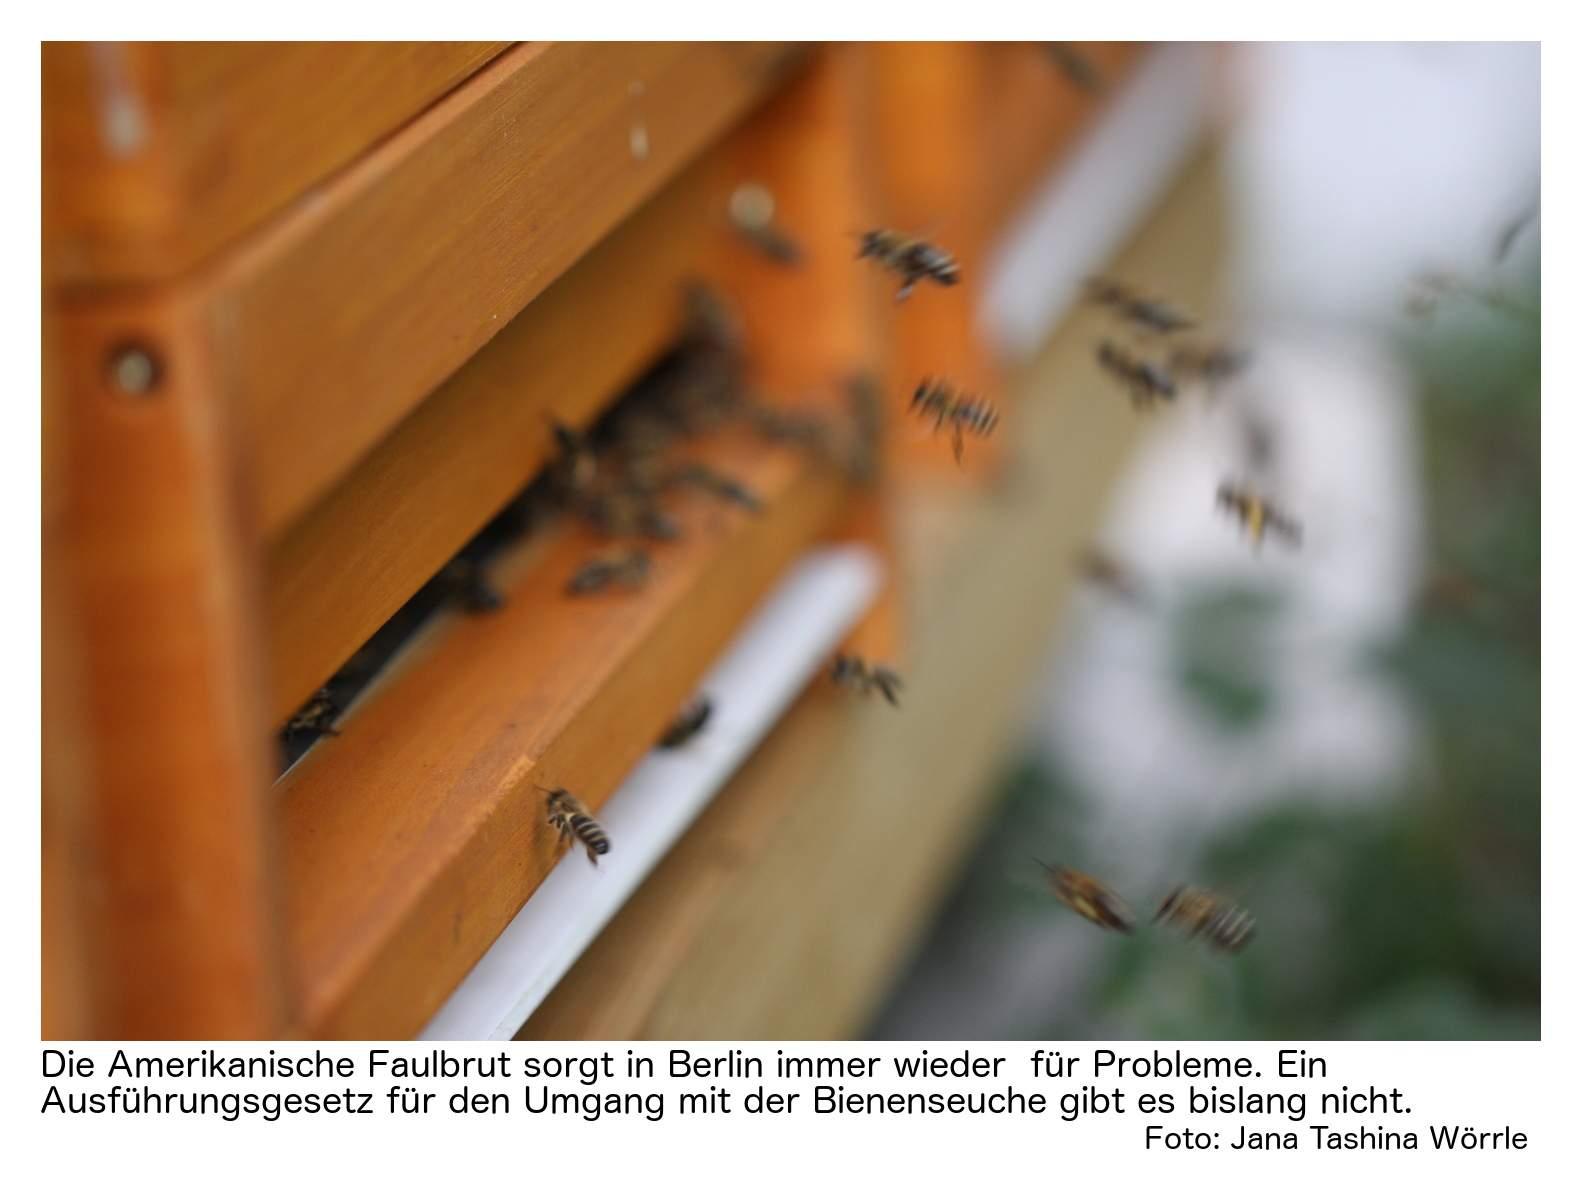 Bienen Im Garten Halten Inspirierend Amerikanische Faulbrut Wenn Fehlende Vorschriften Zum